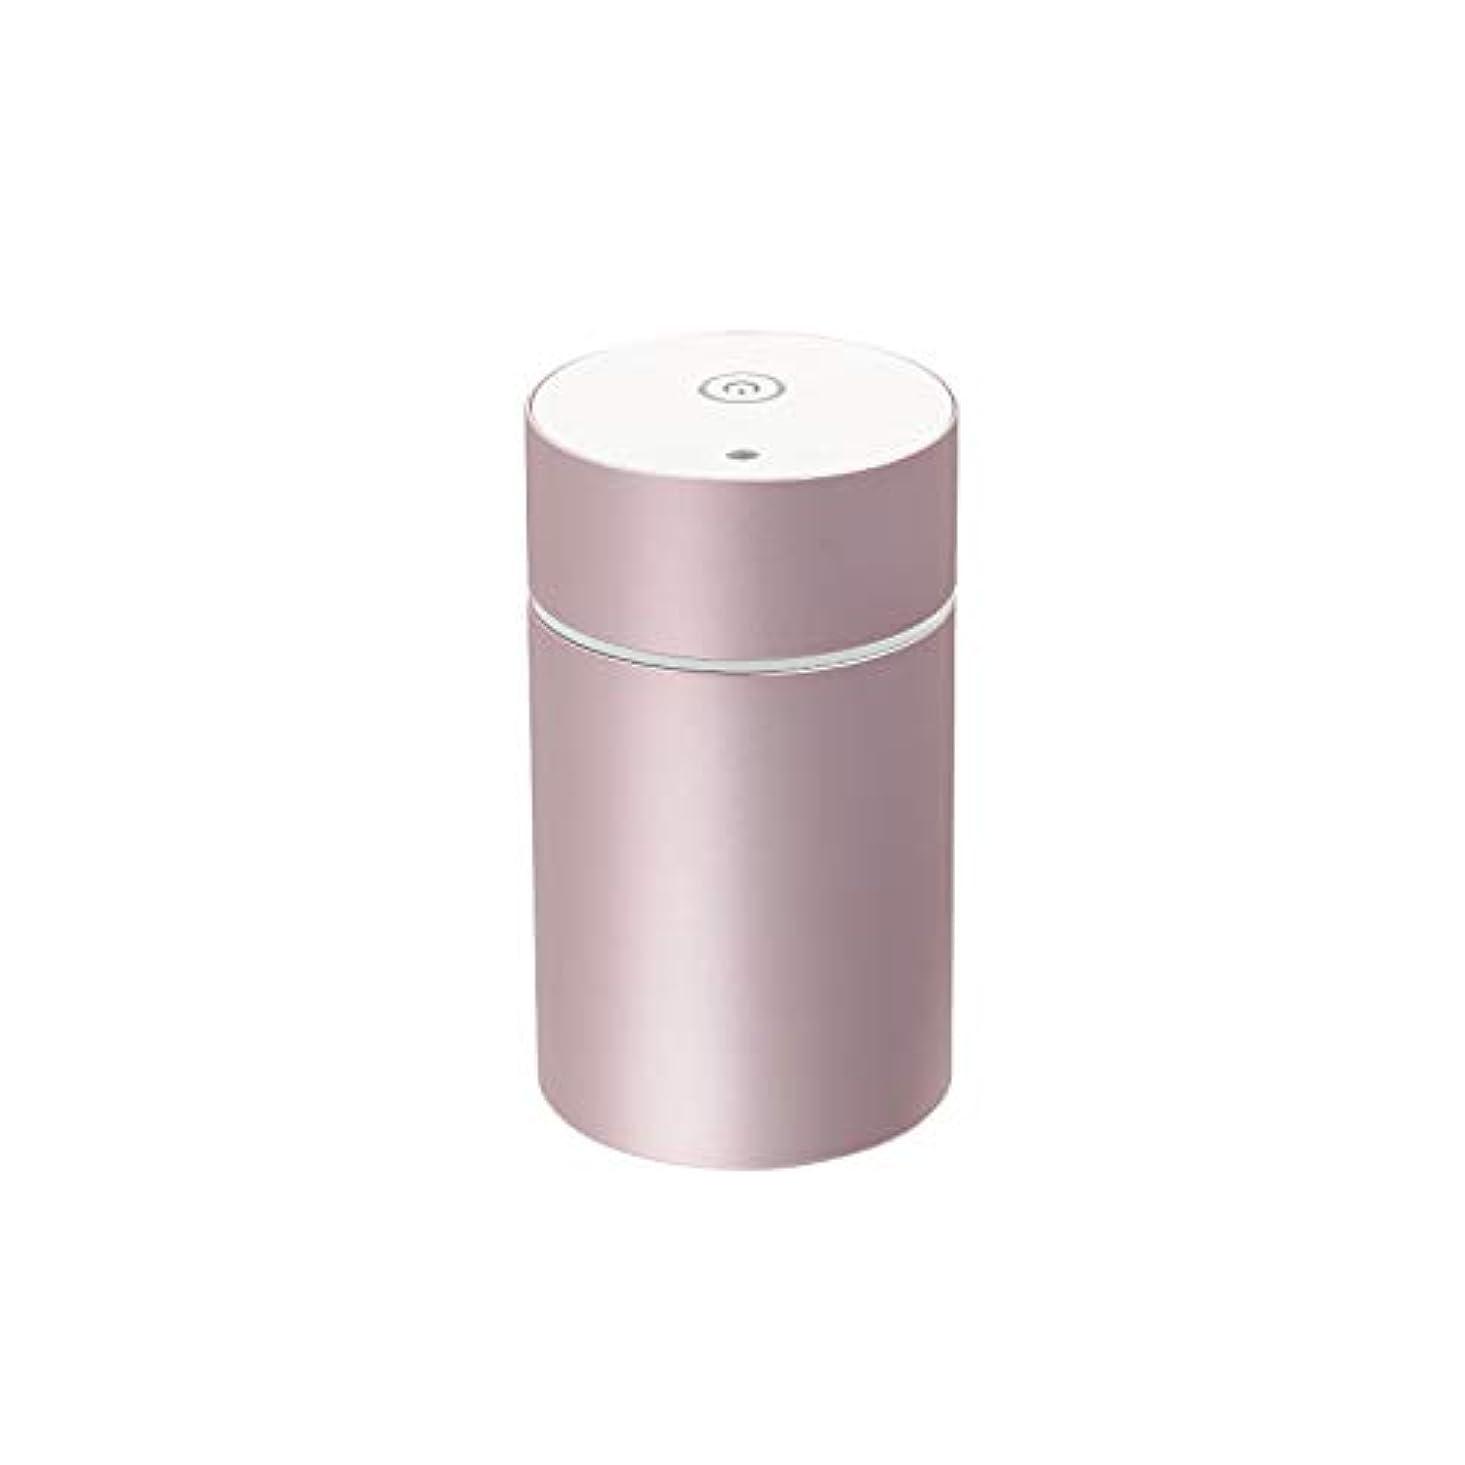 なめらかなセントピット生活の木 アロマディフューザー(ピンク)aromore mini(アロモアミニ) 08-801-7020